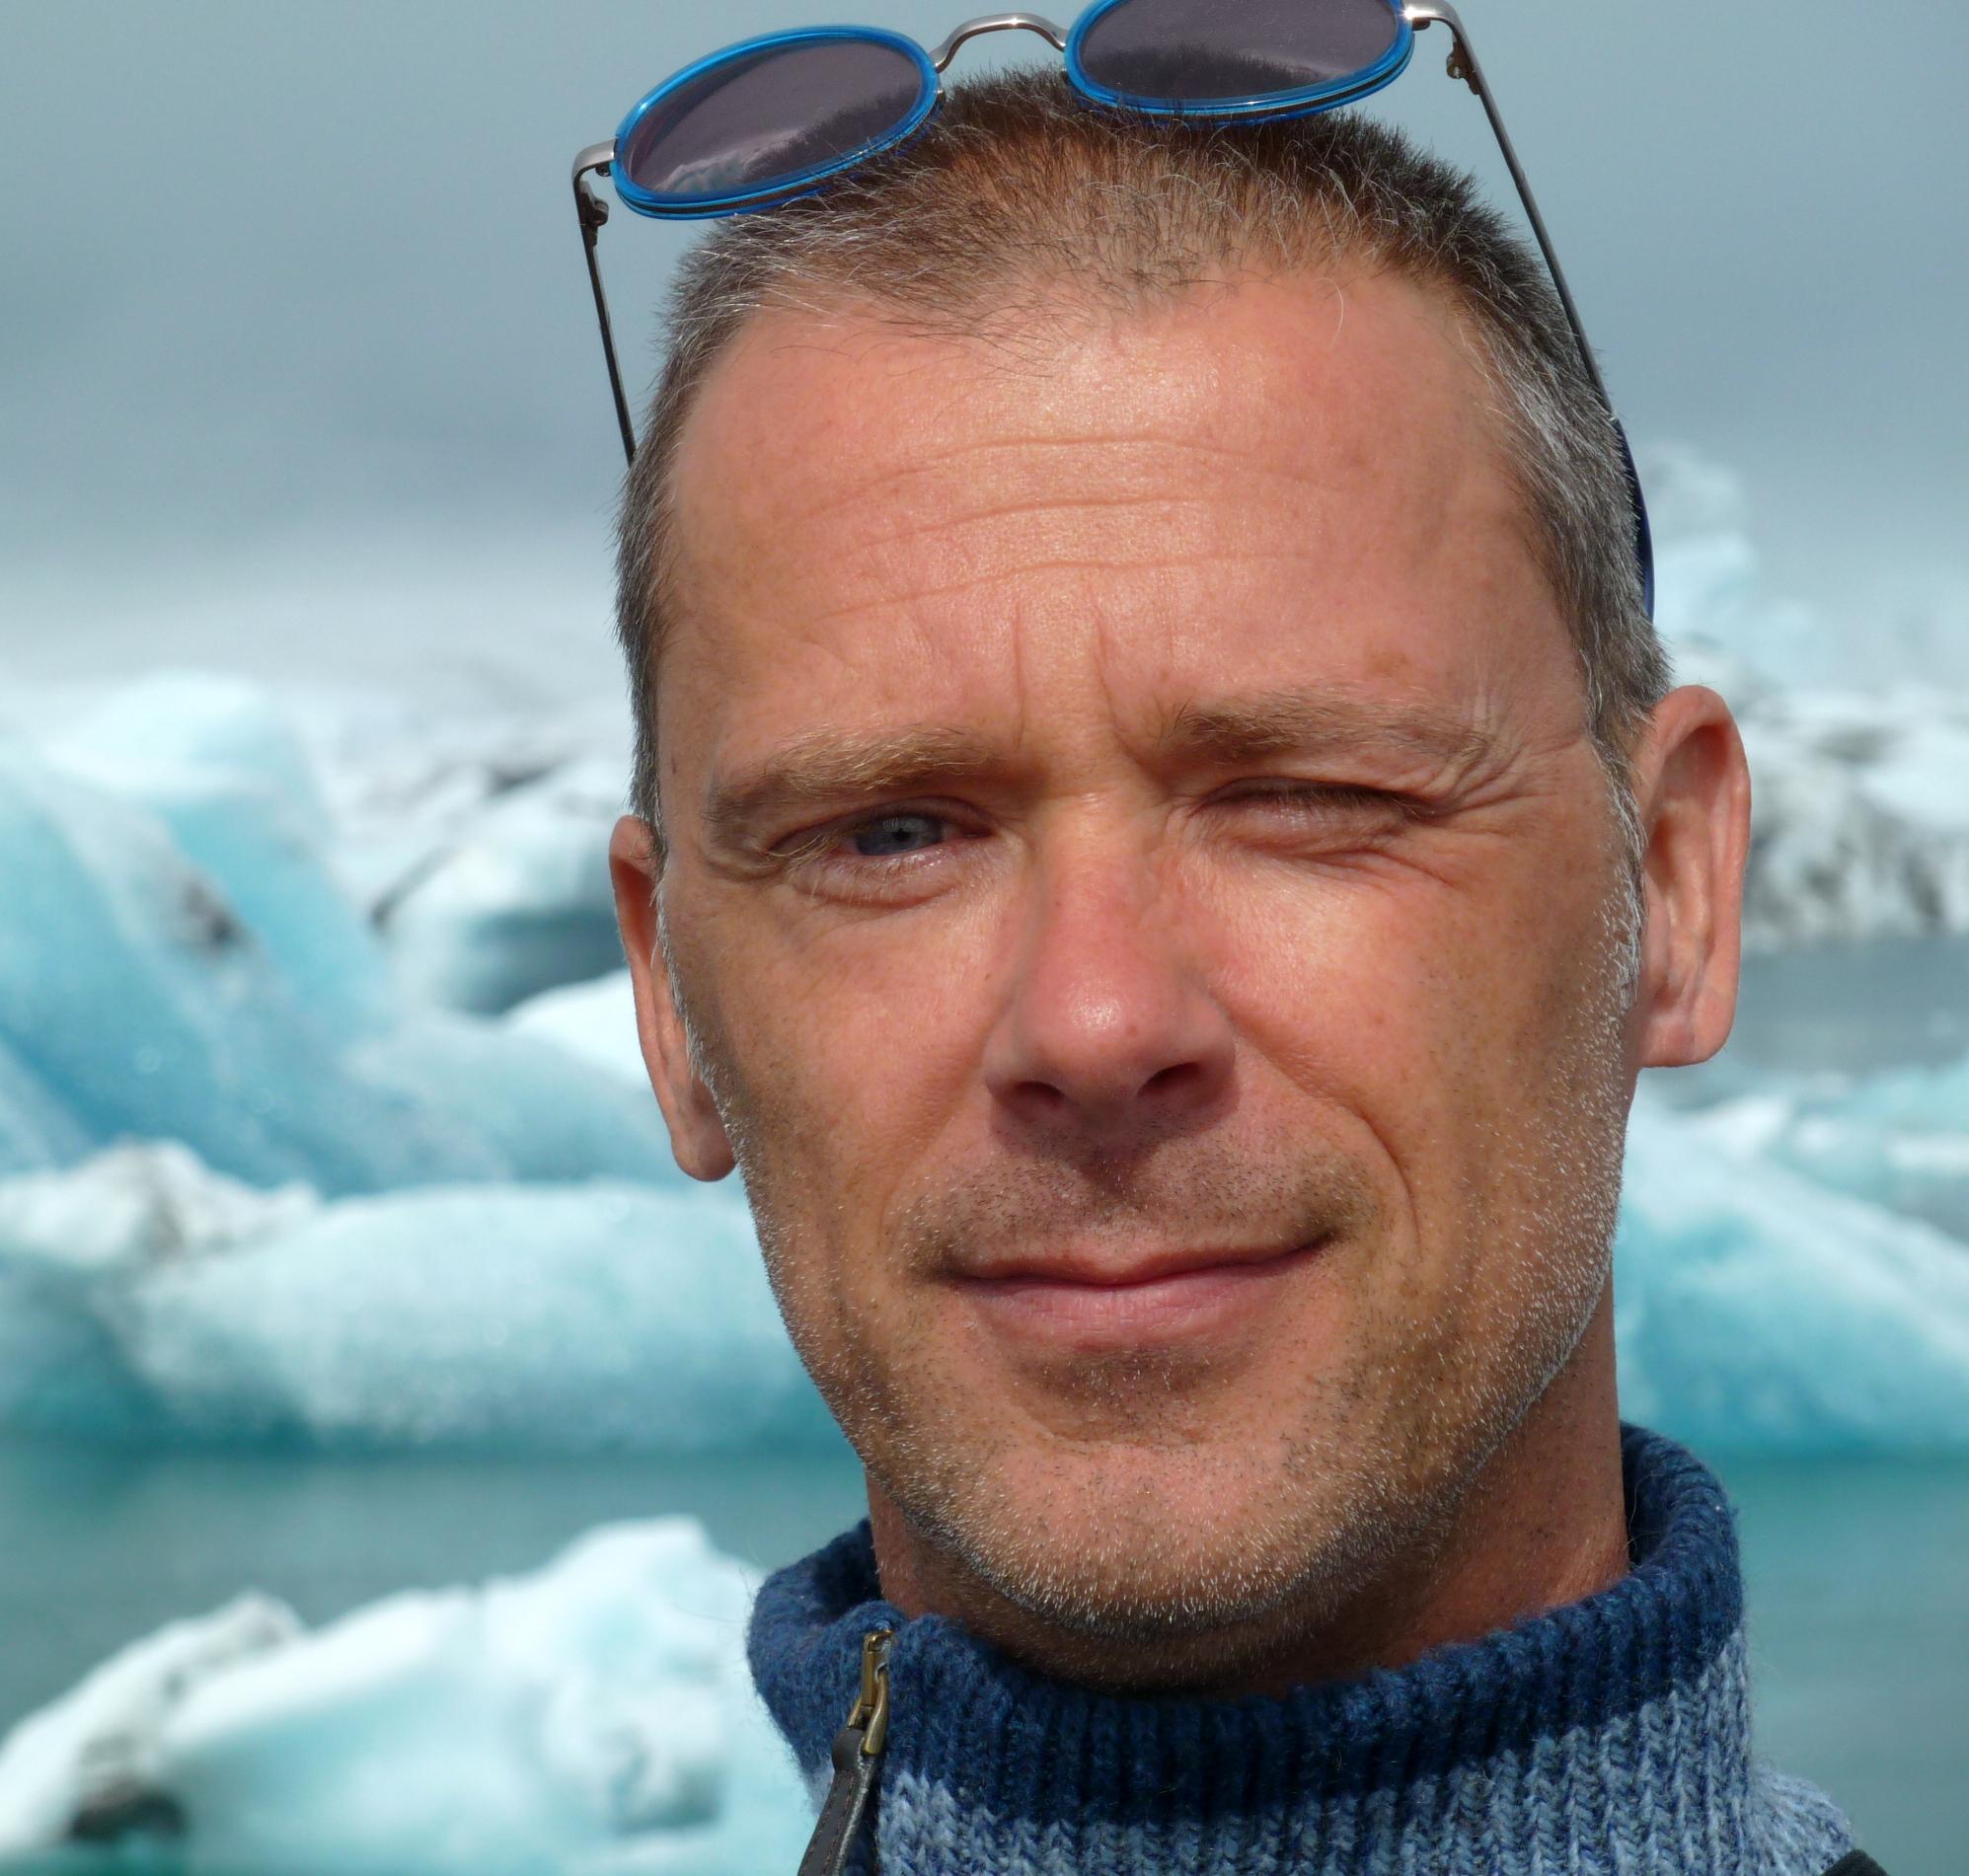 Benny Lindelauf, Dactylus academie voor schrijfdocenten